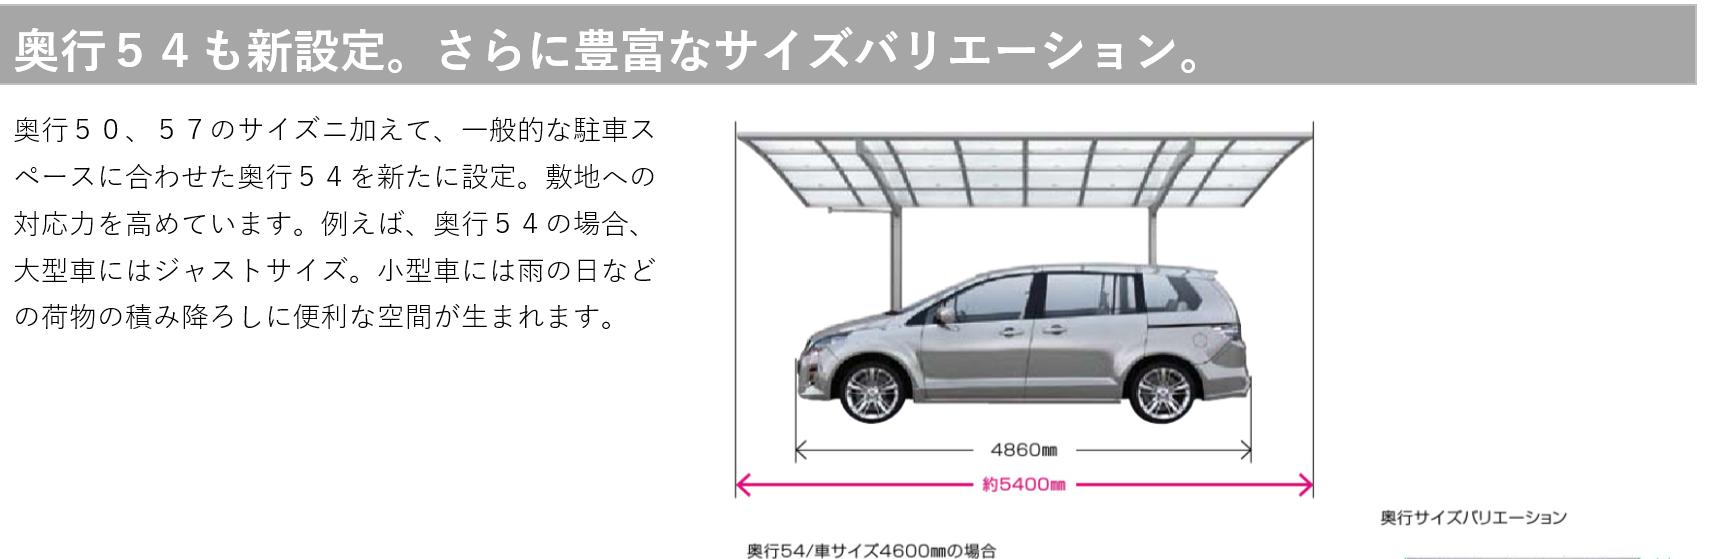 奥行54も新設定。さらに豊富なサイズバリエーション。 奥行50、57のサイズに加えて、一般な駐車スペースに合わせた奥行54を新たに設定。敷地への対応力を高めています。例えば、奥行54の場合、大型車にはジャストサイズ。小型車には雨の日など荷物の積み降ろしに便利な空間が生まれます。